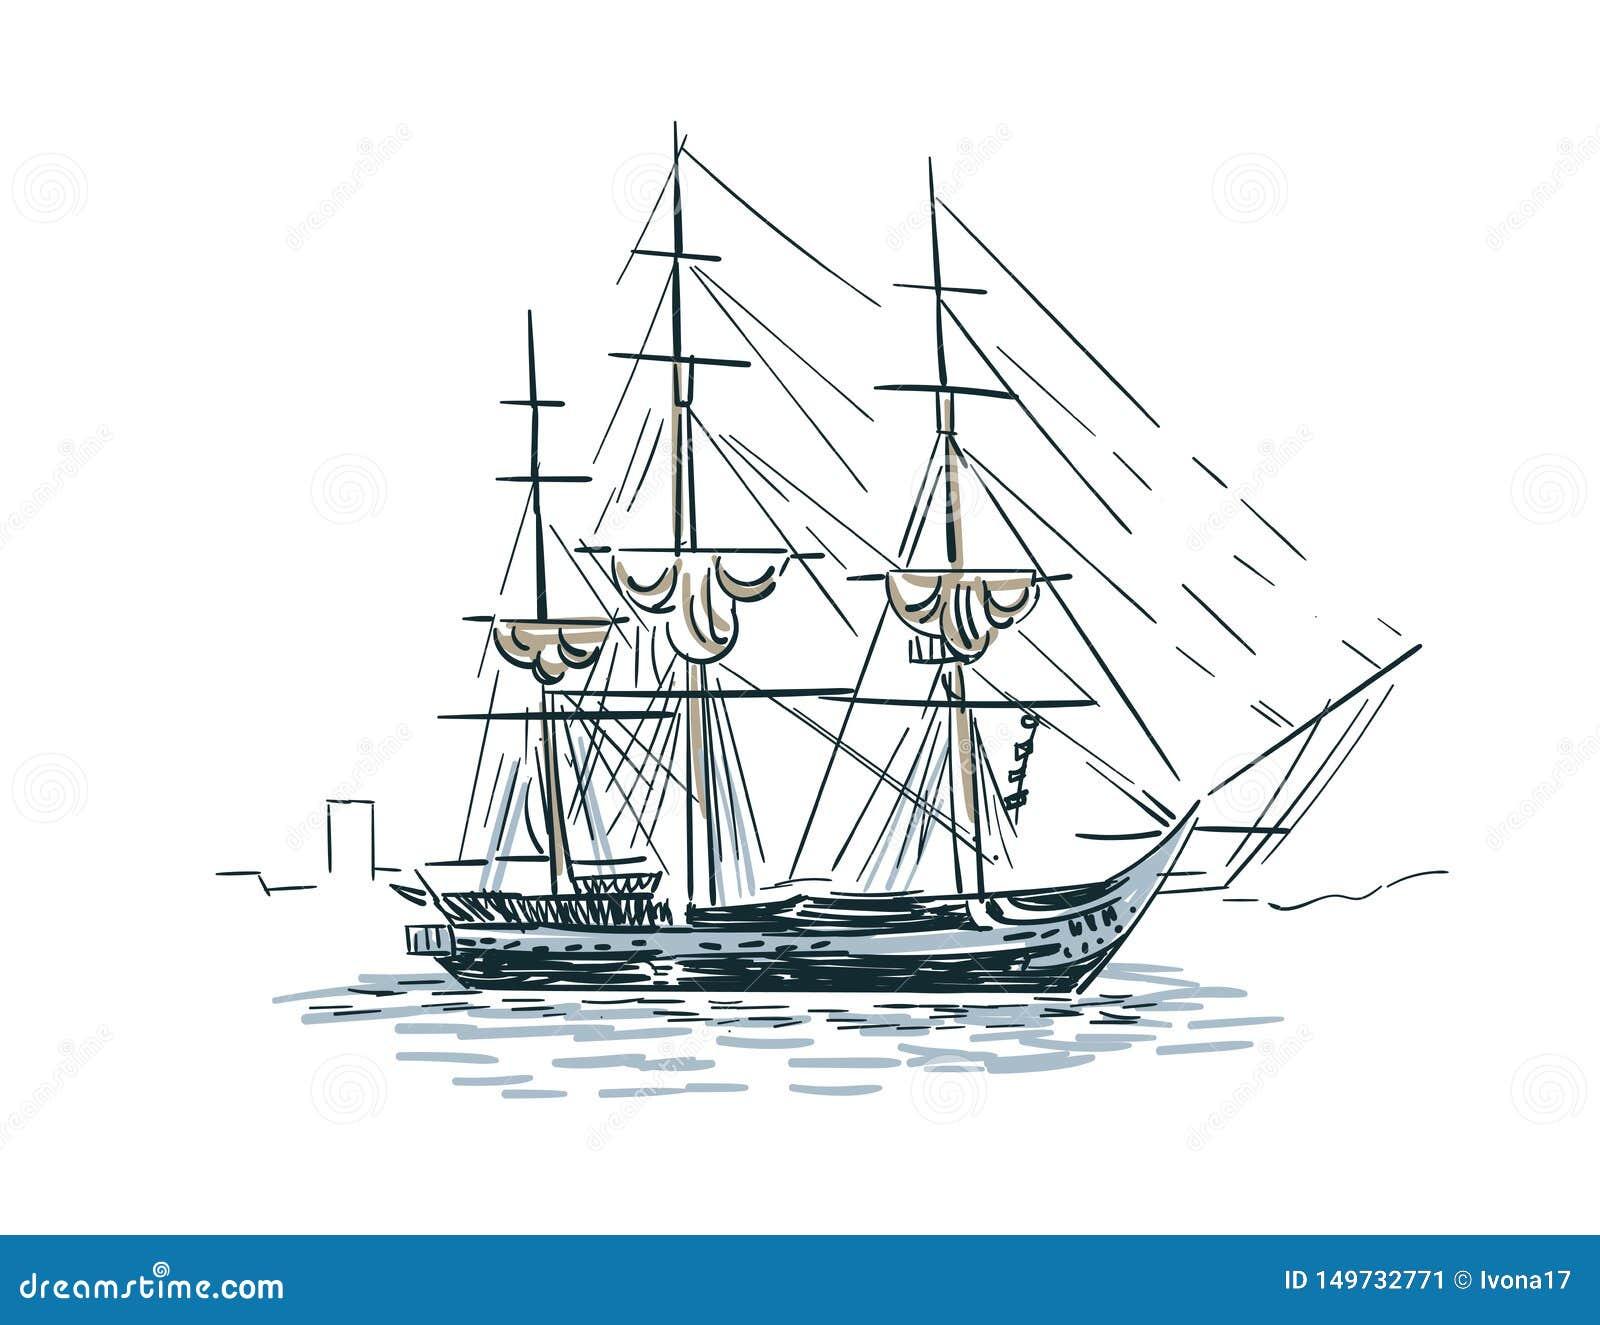 Illustration Croquis De Vecteur De Bateau De Schema A Isole Illustration Stock Illustration Du Schema Illustration 149732771